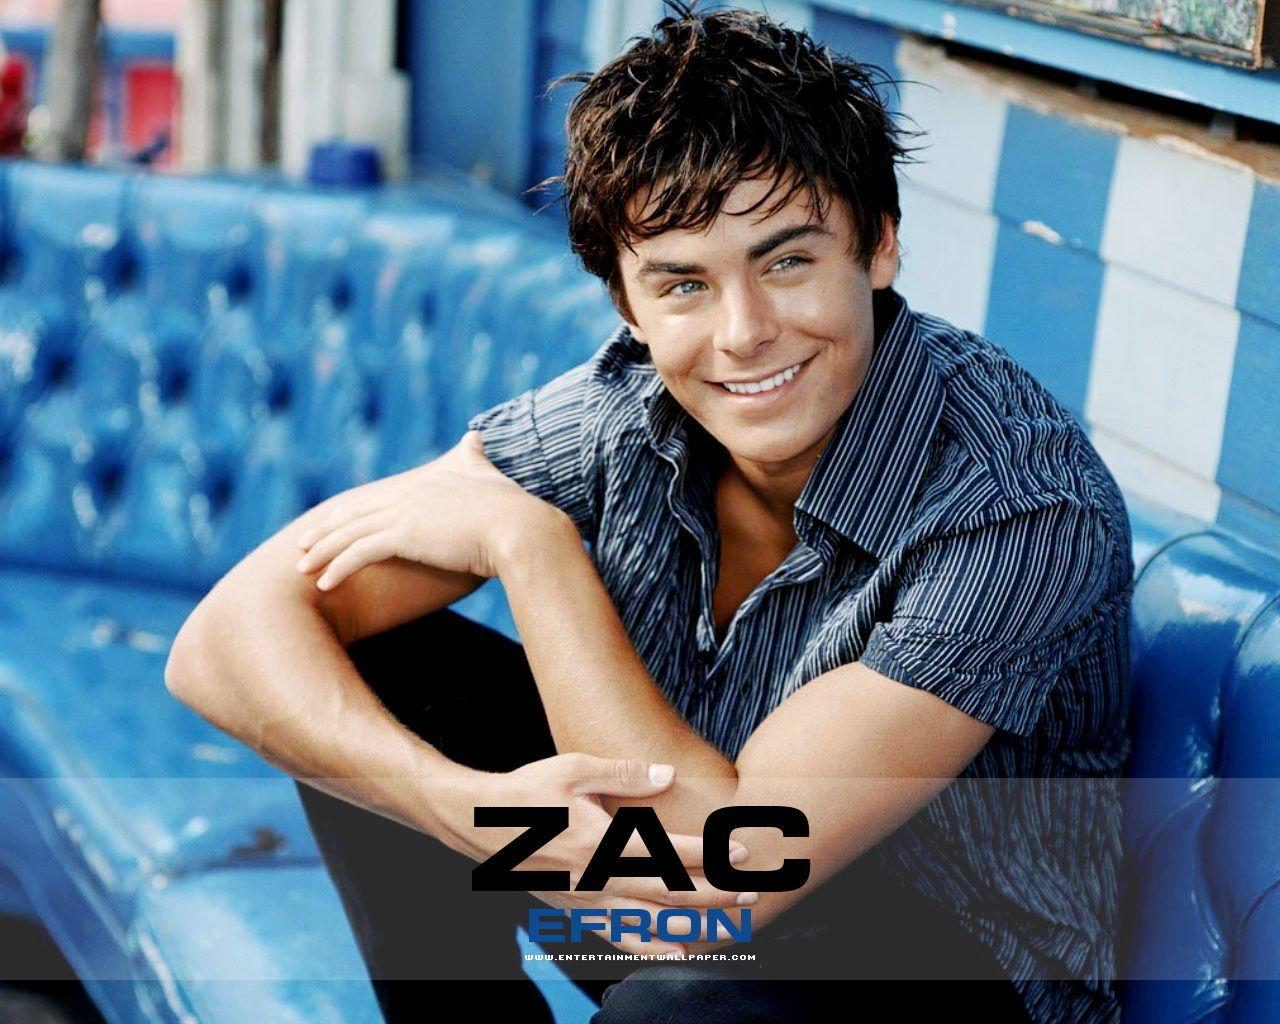 -Zac♥ - Zac Efron 1280x1024